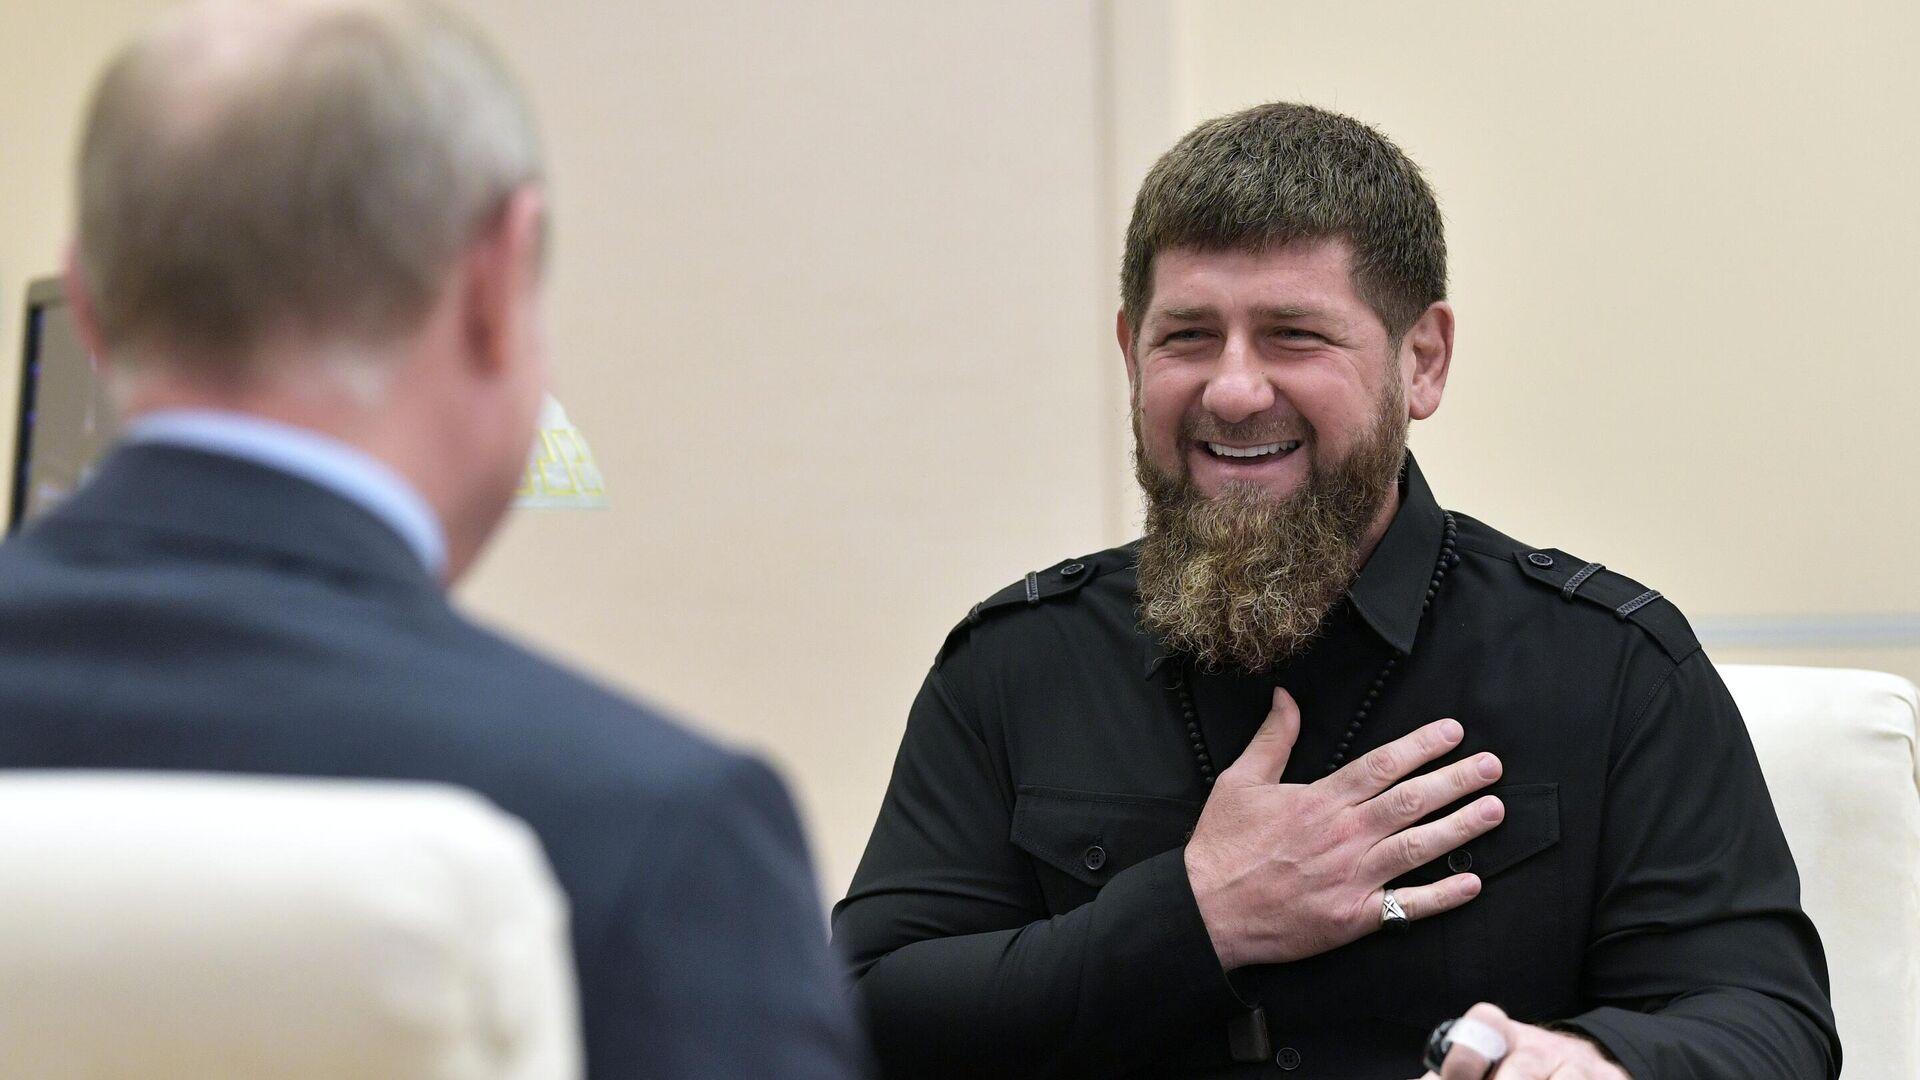 Глава Чеченской Республики Рамзан Кадыров во время встречи с президентом РФ Владимиром Путиным - РИА Новости, 1920, 07.10.2019